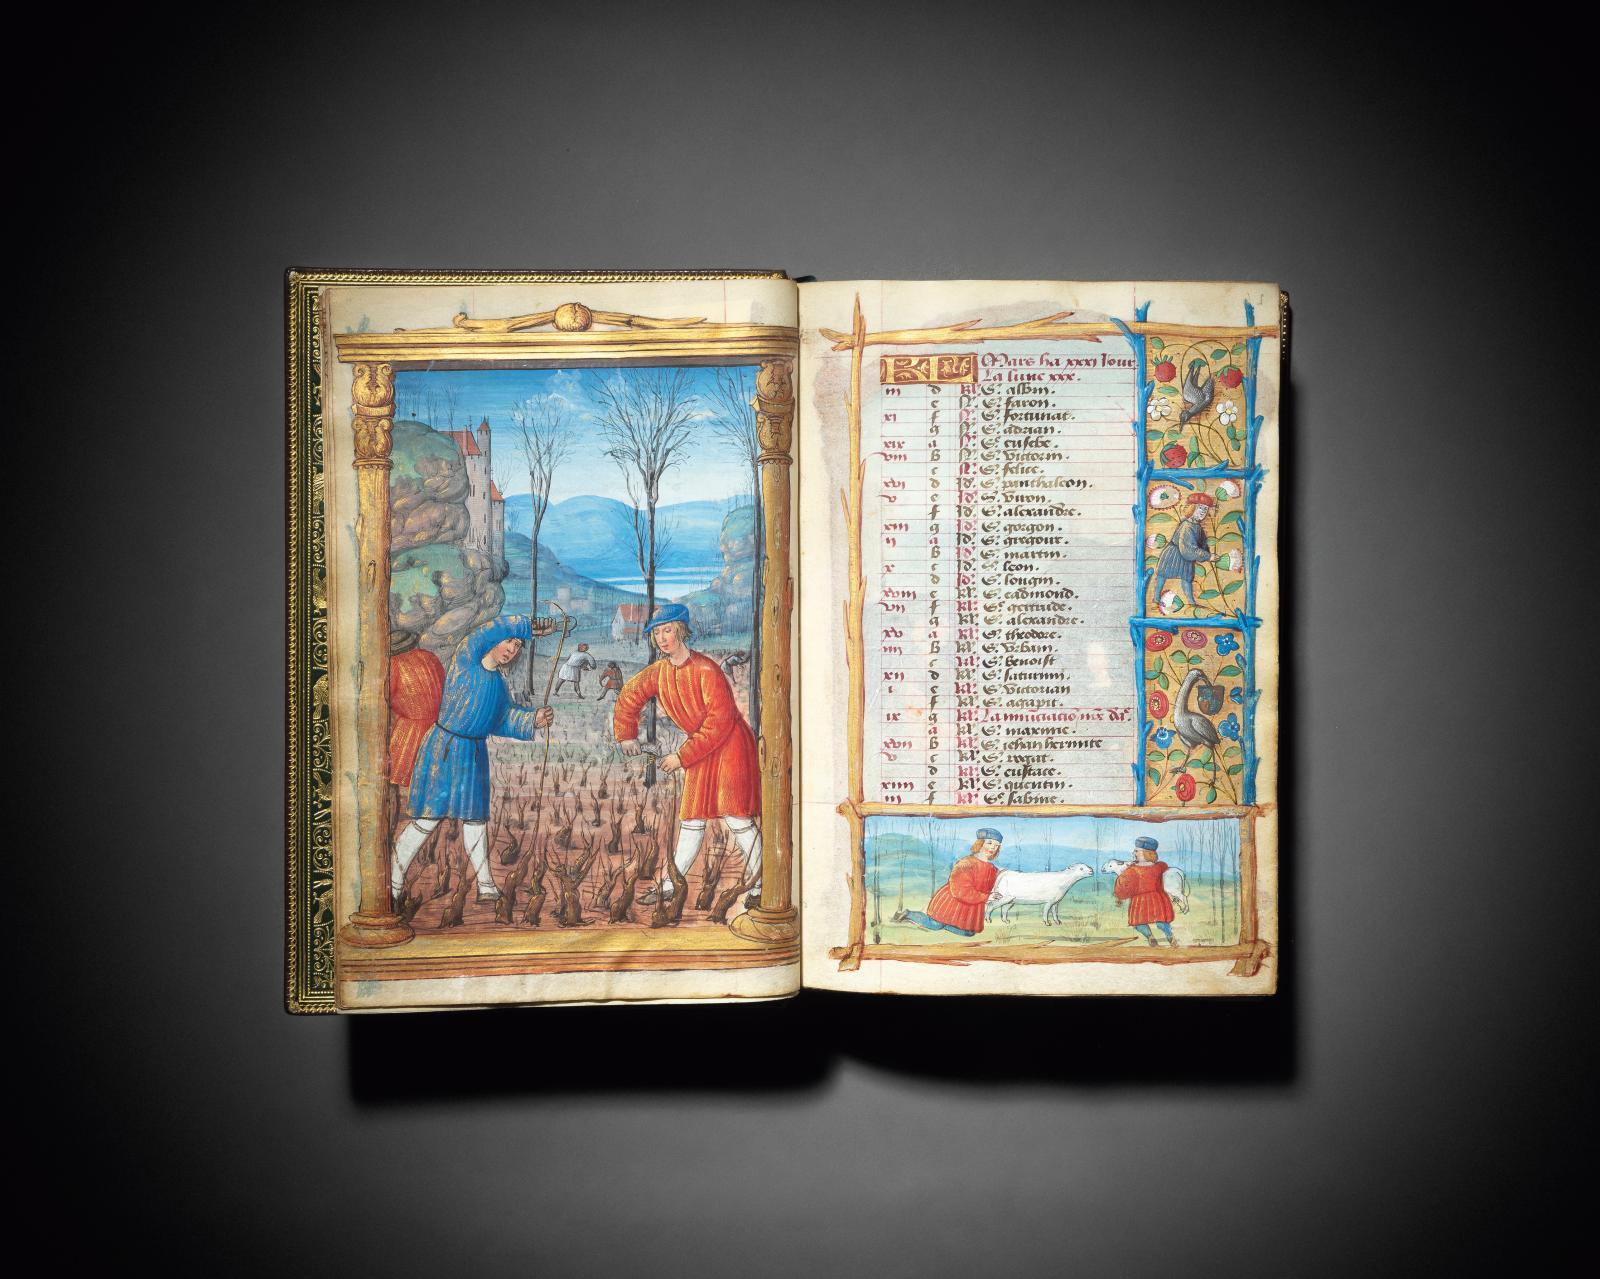 France, très certainement Bourges, vers 1500-1510. Livre d'heures à l'usage de Rome, manuscrit en latin et en français enluminé sur parche